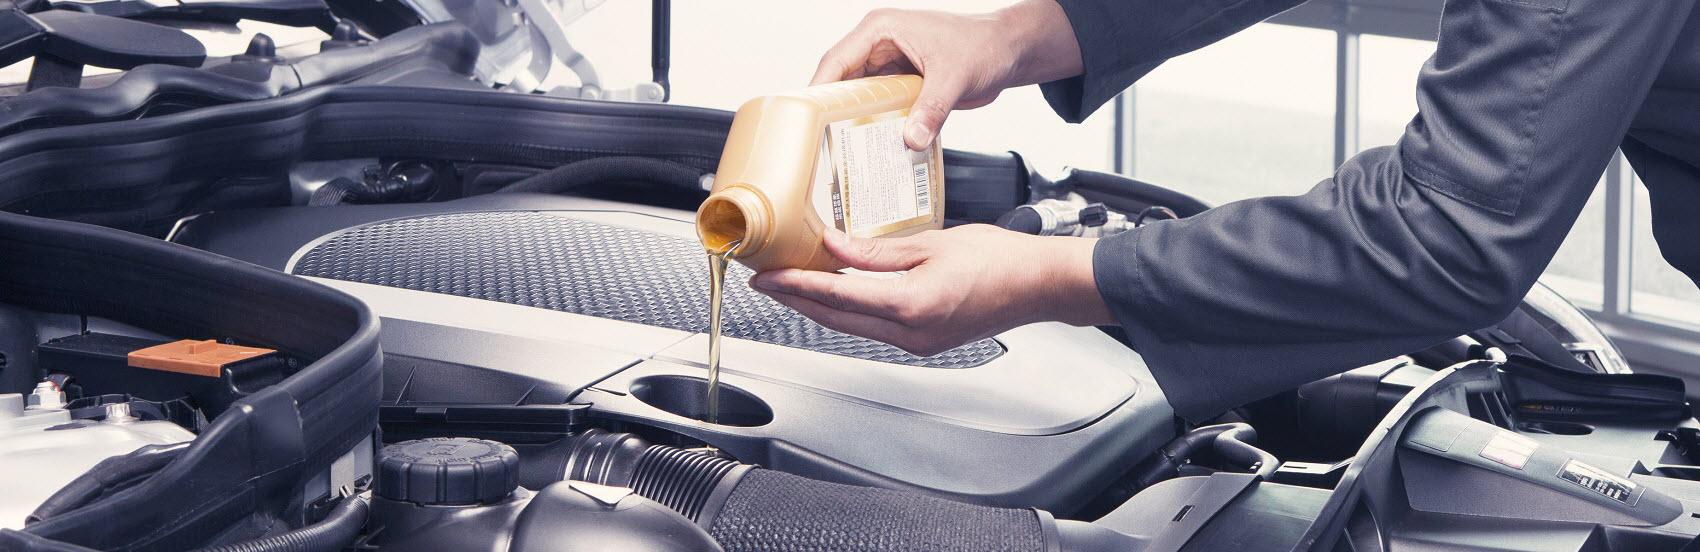 Oil Change near Me | Walker Jones Nissan